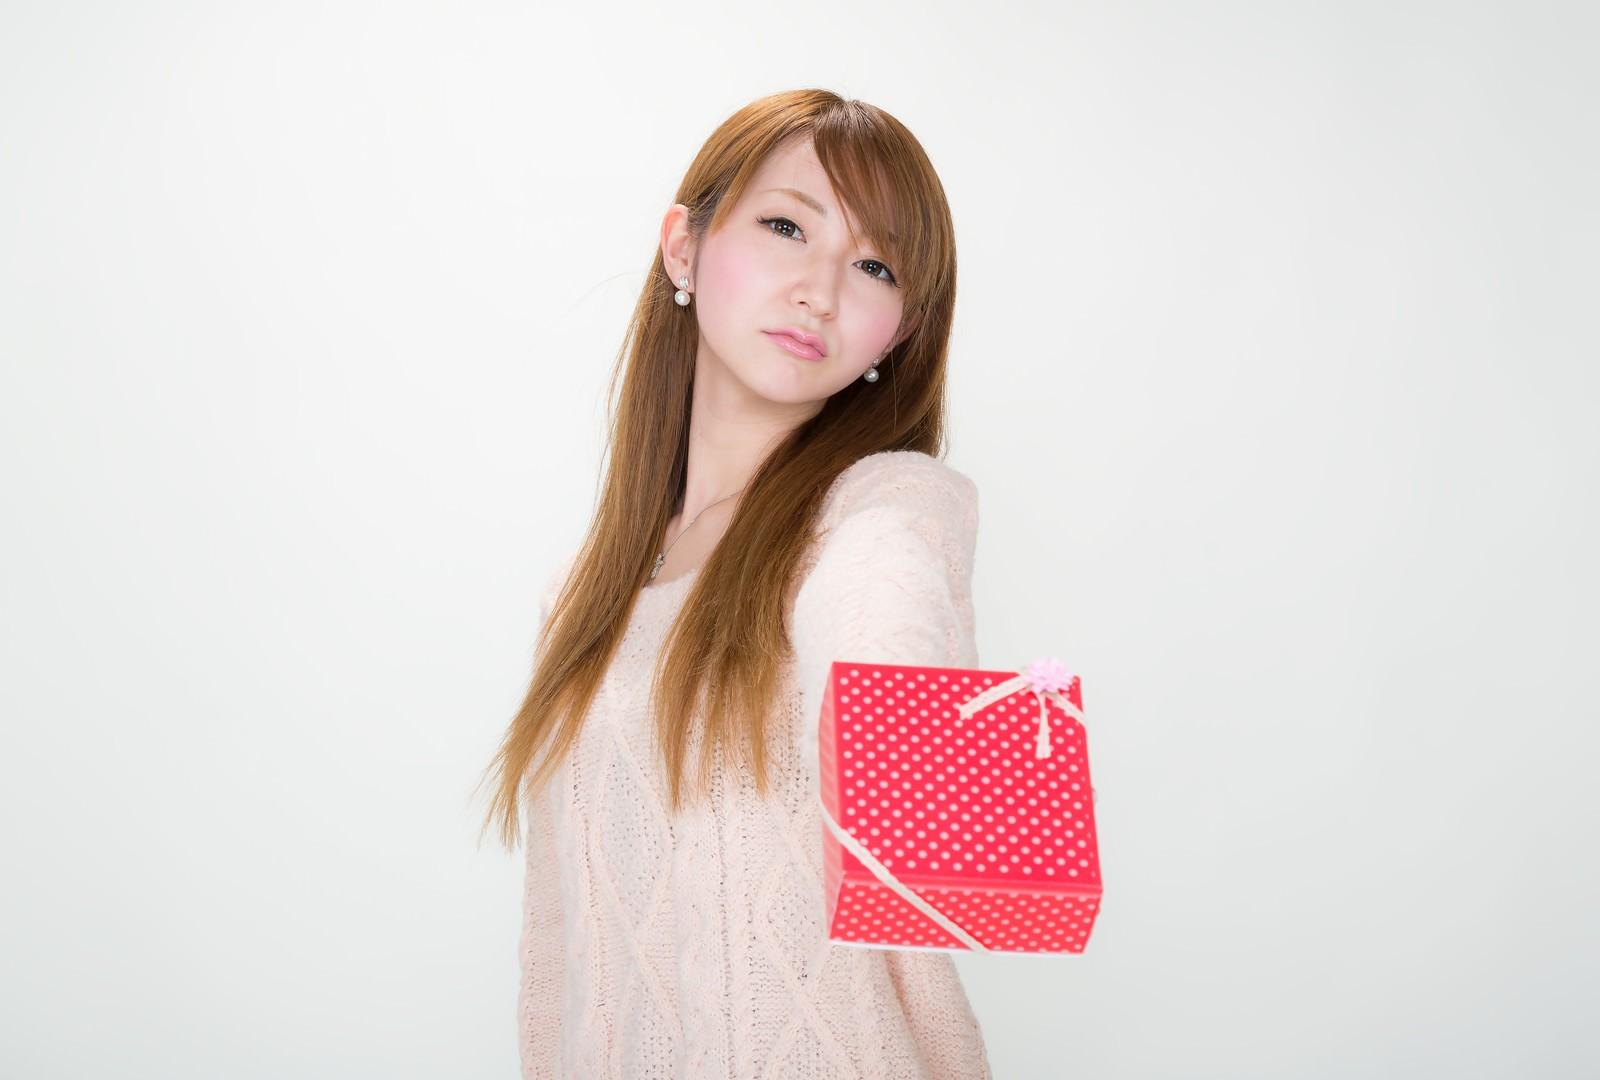 「【ツンデレ渡し】 「どうせ、くれる人いないでしょ!」っとバレンタインにチョコを渡す女の子」の写真[モデル:to-ko]